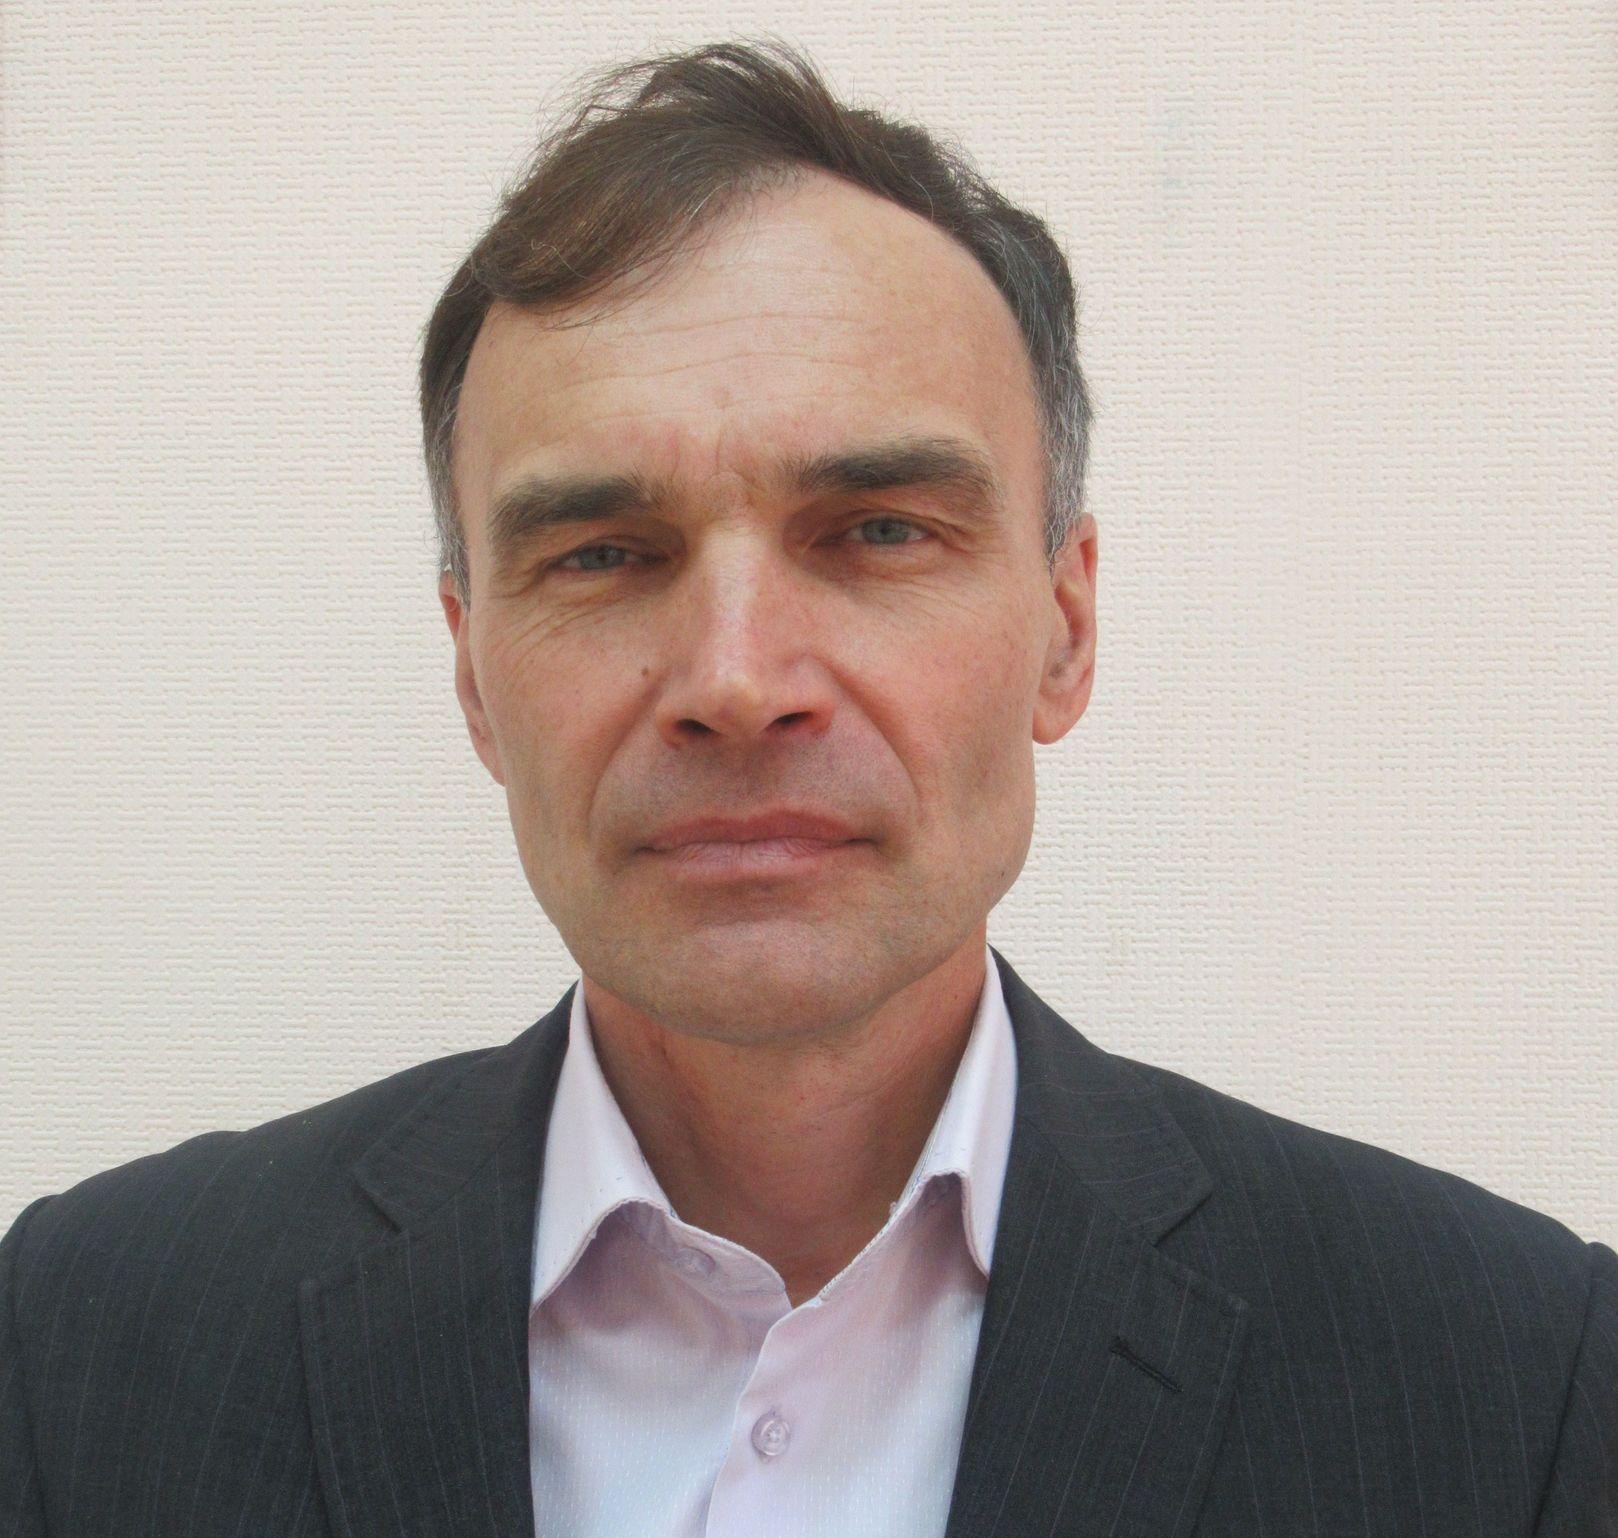 Сергей Сапожников: Прививаются не только жители районного центра, но и периферии